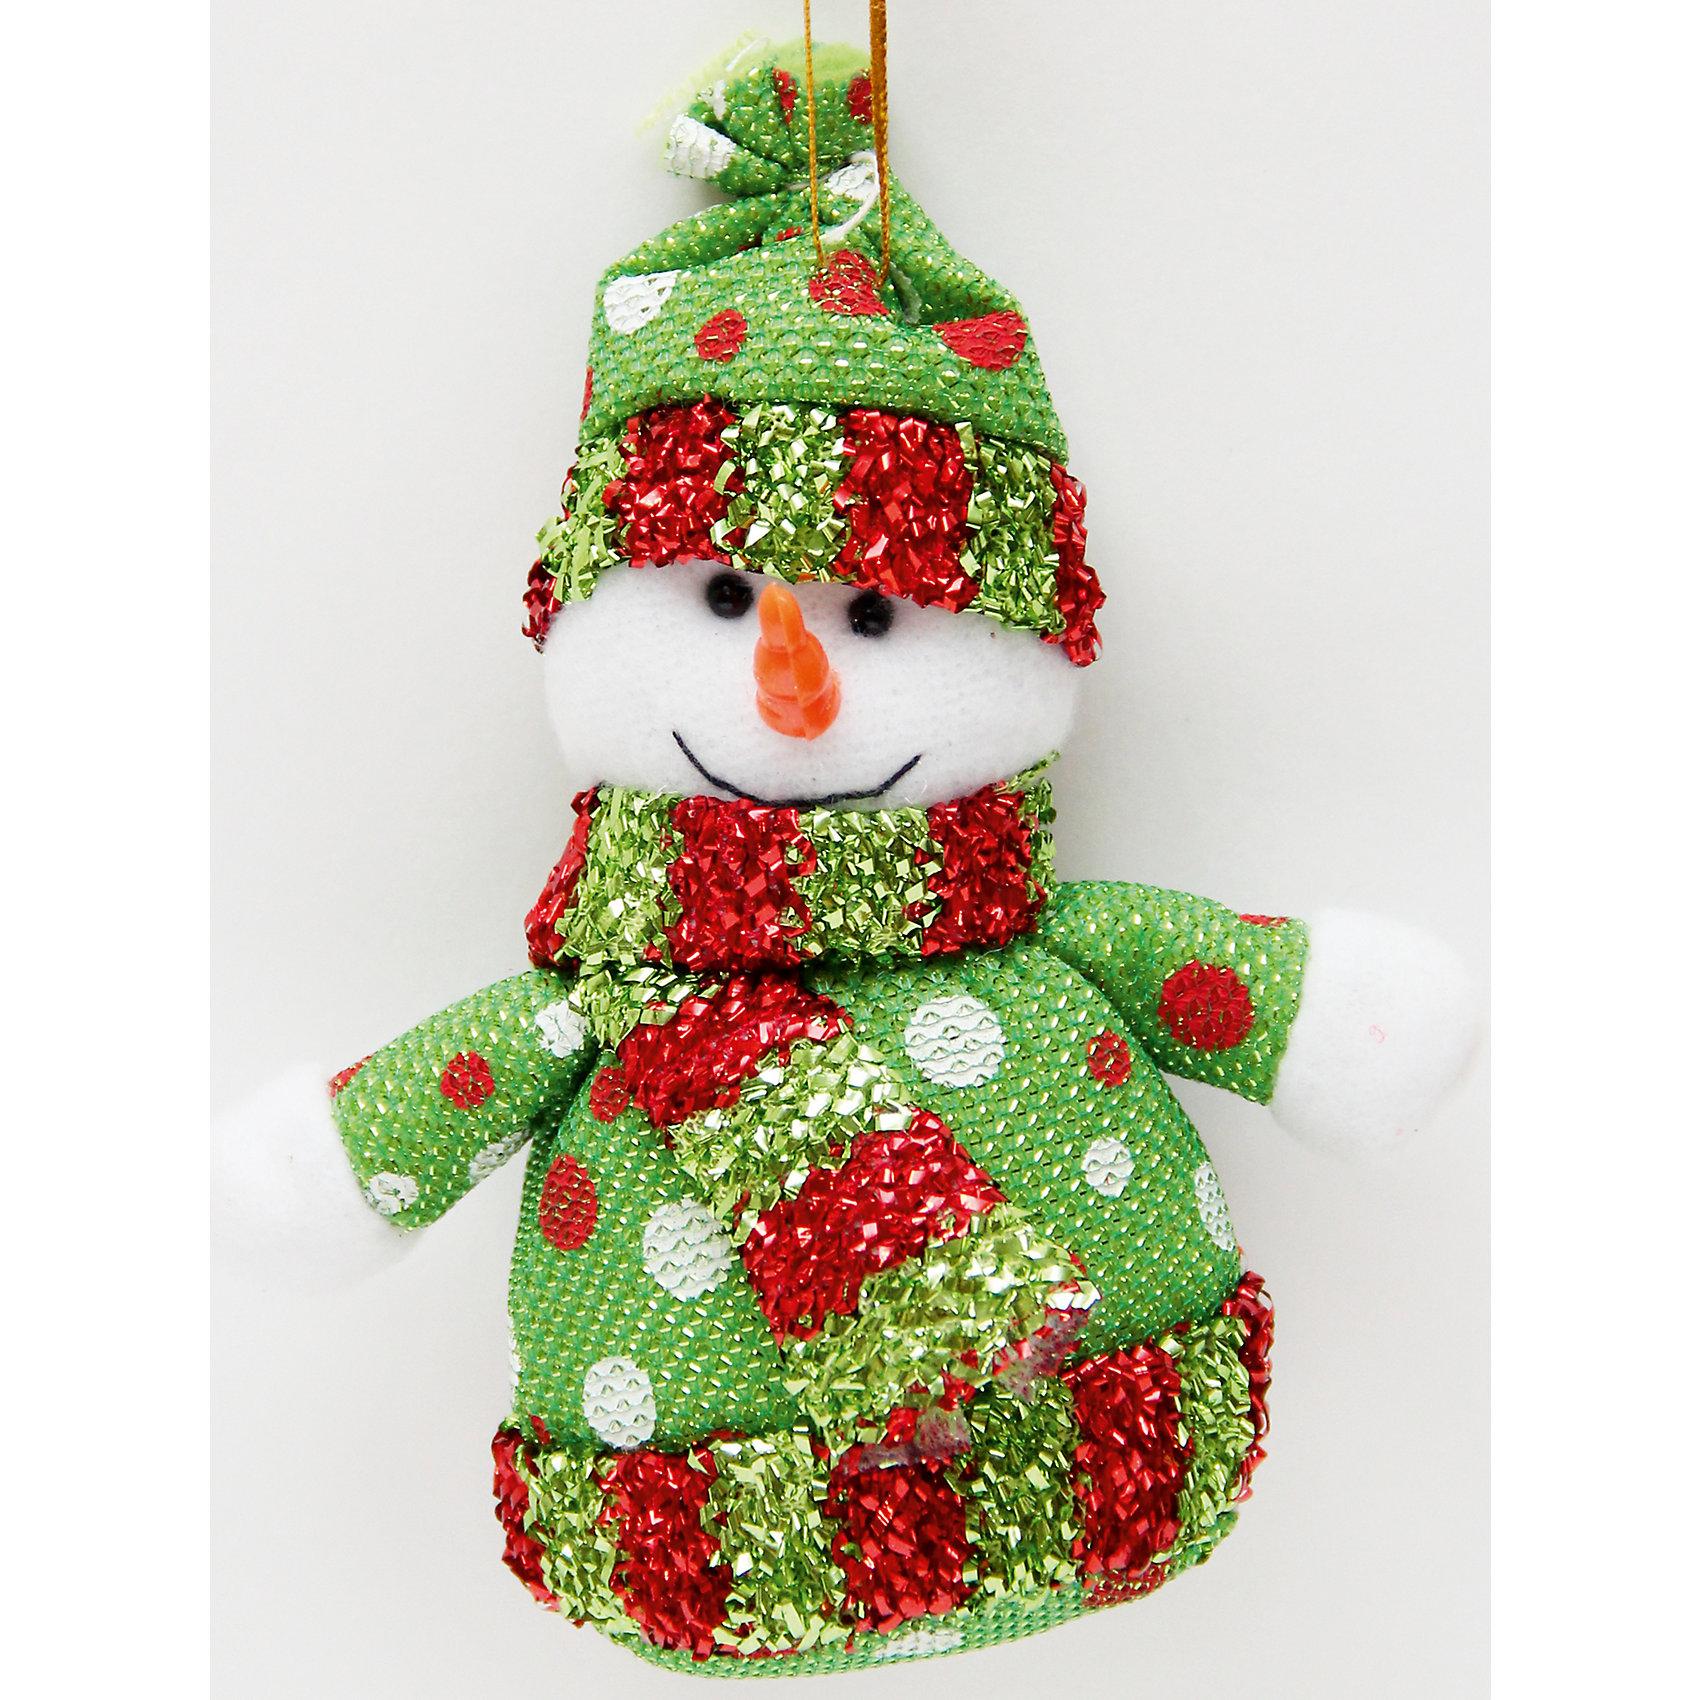 Украшение новогоднее подвесное Снеговик в зеленый горошекВсё для праздника<br>Украшение новогоднее подвесное Снеговик Зеленый Горошек арт.42531 из полиэстра / 13,5x7<br><br>Ширина мм: 140<br>Глубина мм: 70<br>Высота мм: 10<br>Вес г: 17<br>Возраст от месяцев: 60<br>Возраст до месяцев: 600<br>Пол: Унисекс<br>Возраст: Детский<br>SKU: 5144633